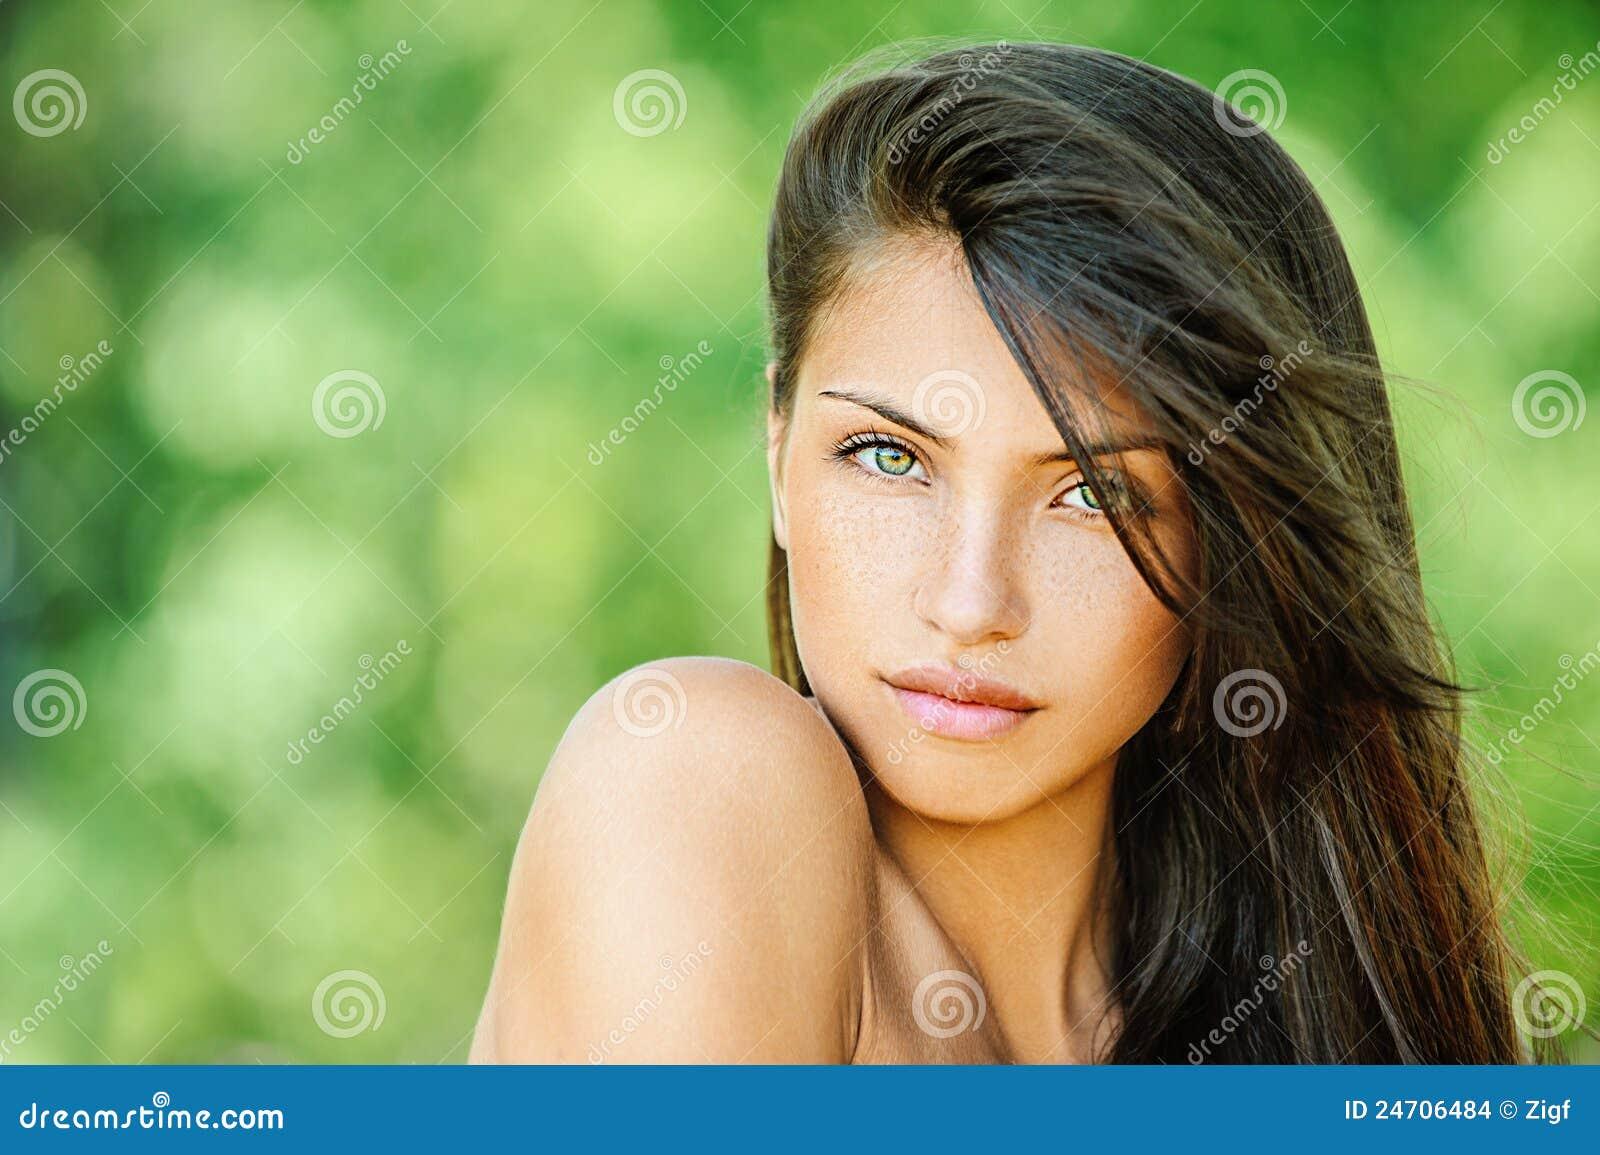 6bd04769b88c Junge Schöne Frau Mit Bloßem Stockfoto - Bild von grün, nett  24706484